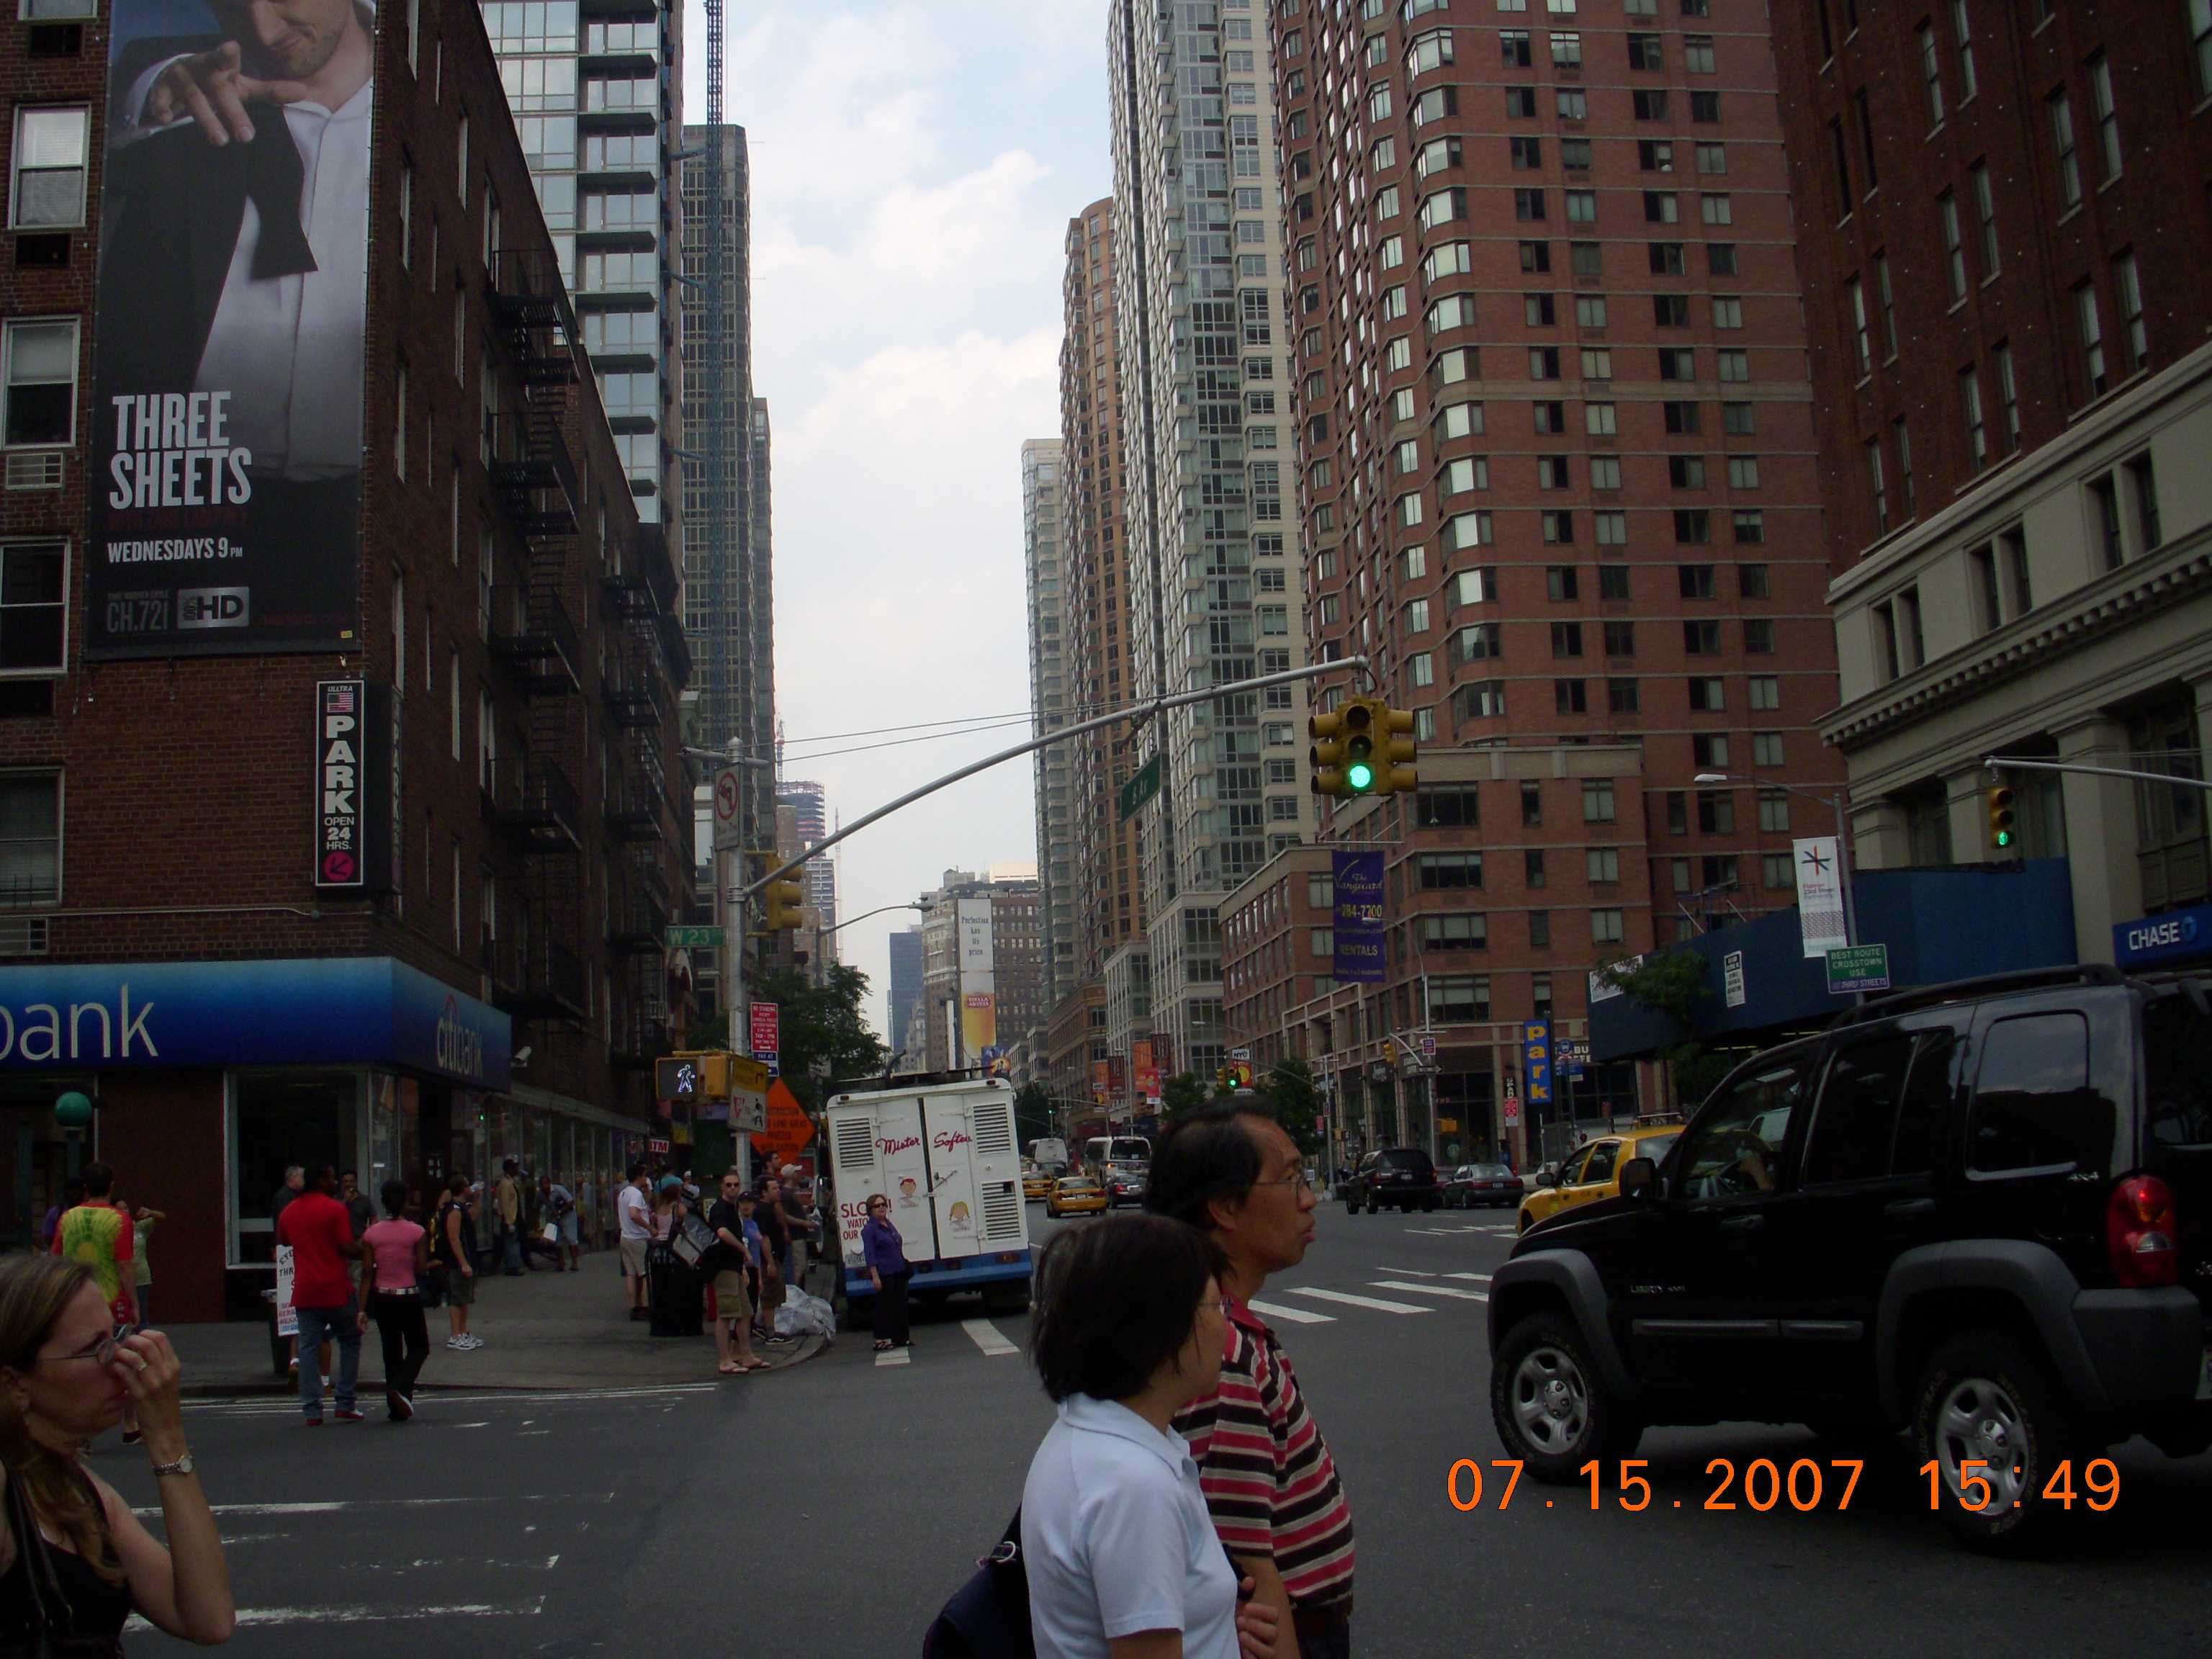 Take 5 — лучшие шансы в нью-йорке!